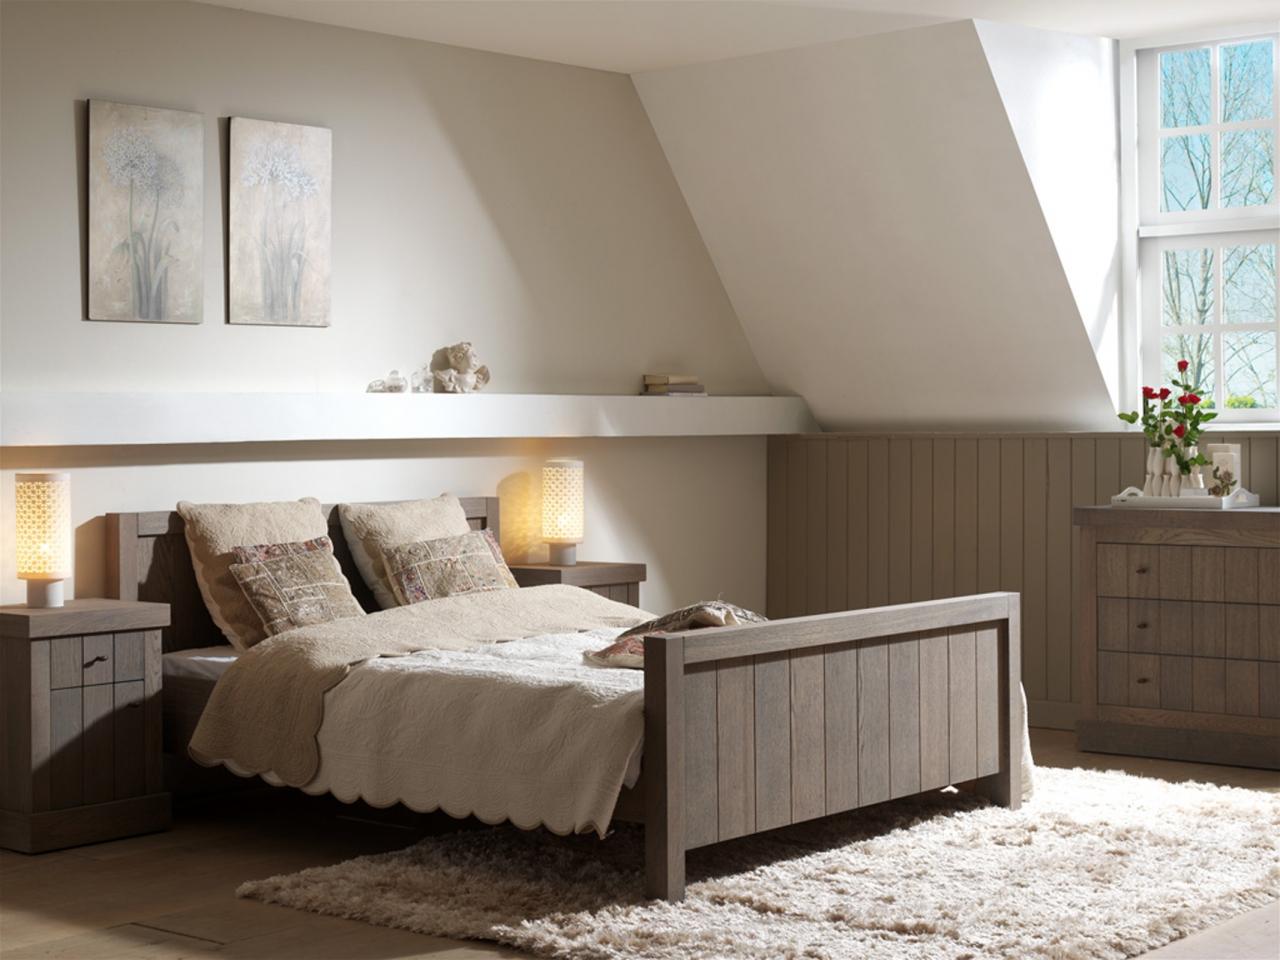 Juvo eigentijdse meubelcollectie woon en slaapkamers for Slaapkamer bed